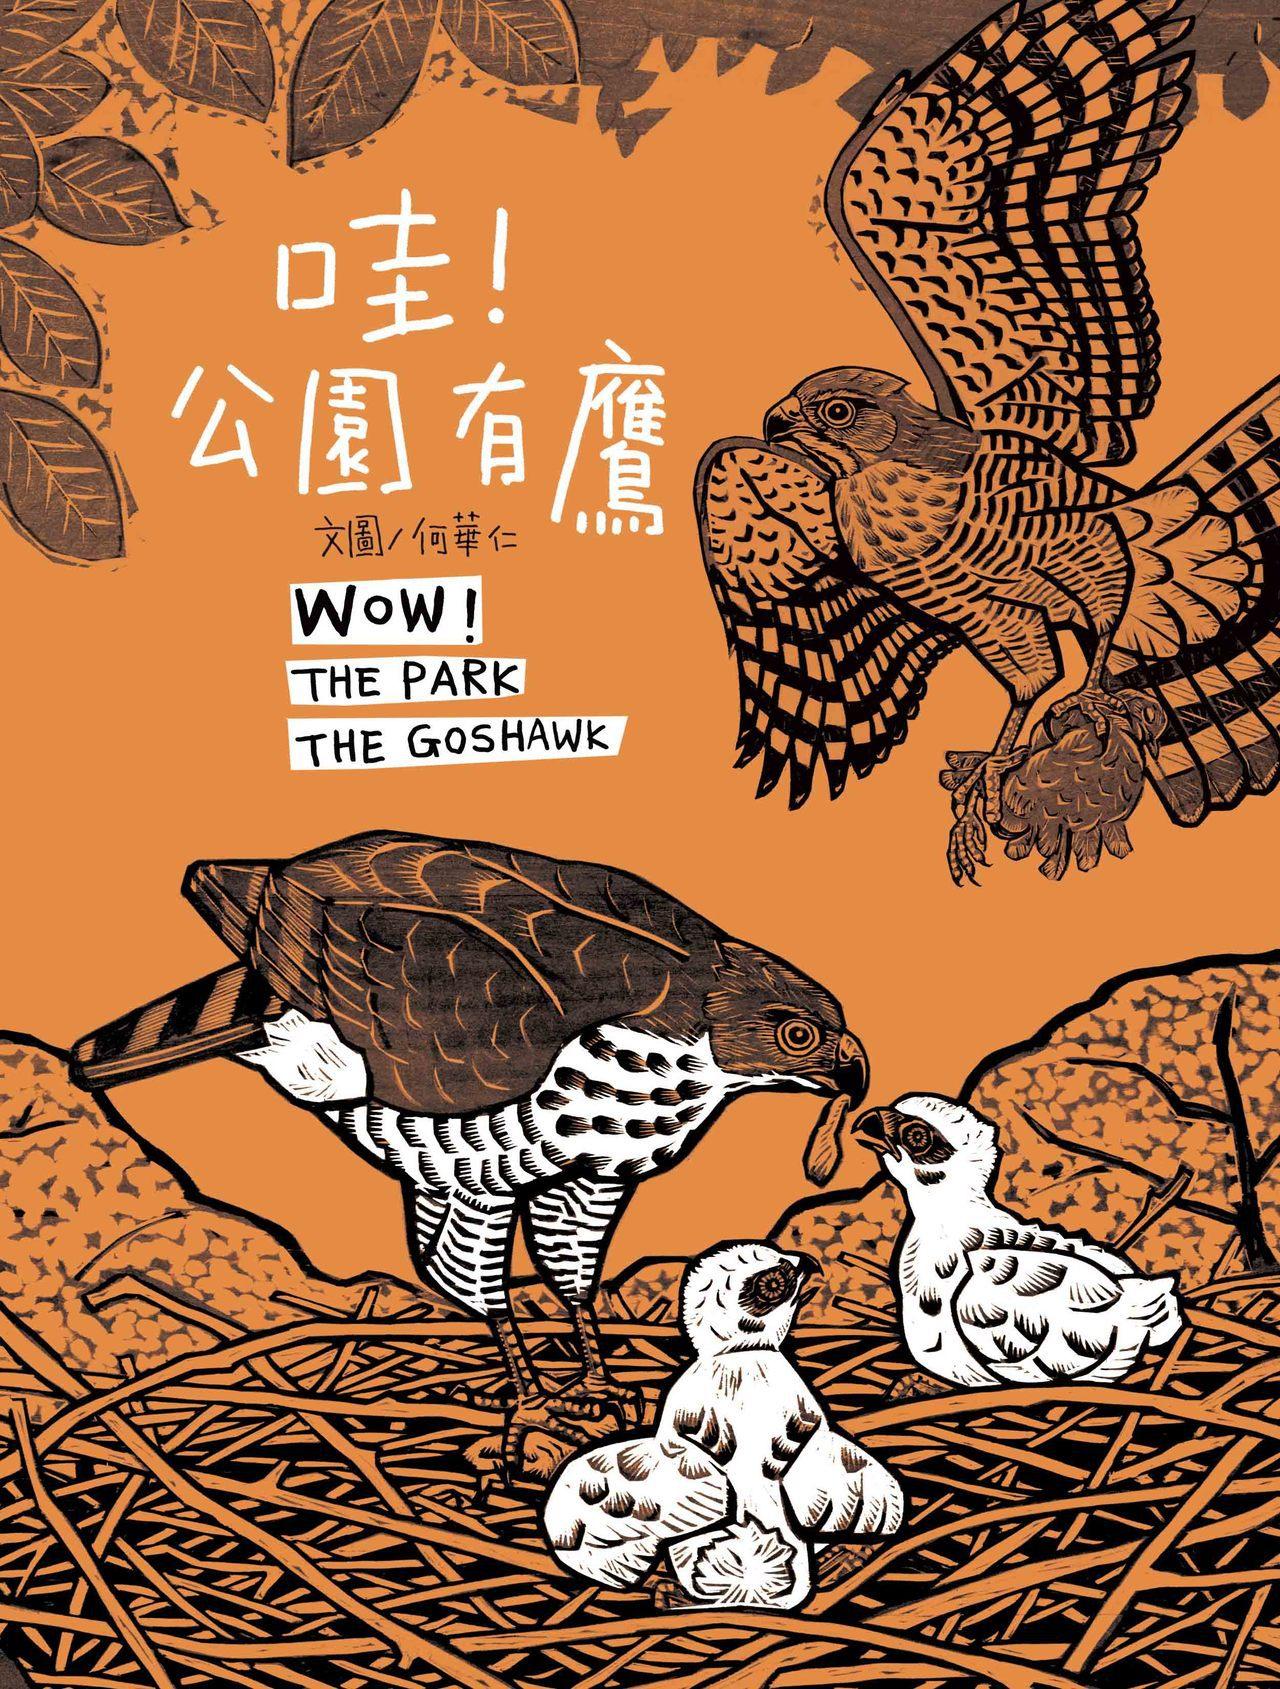 《哇!公園有鷹》。圖/青林國際出版提供